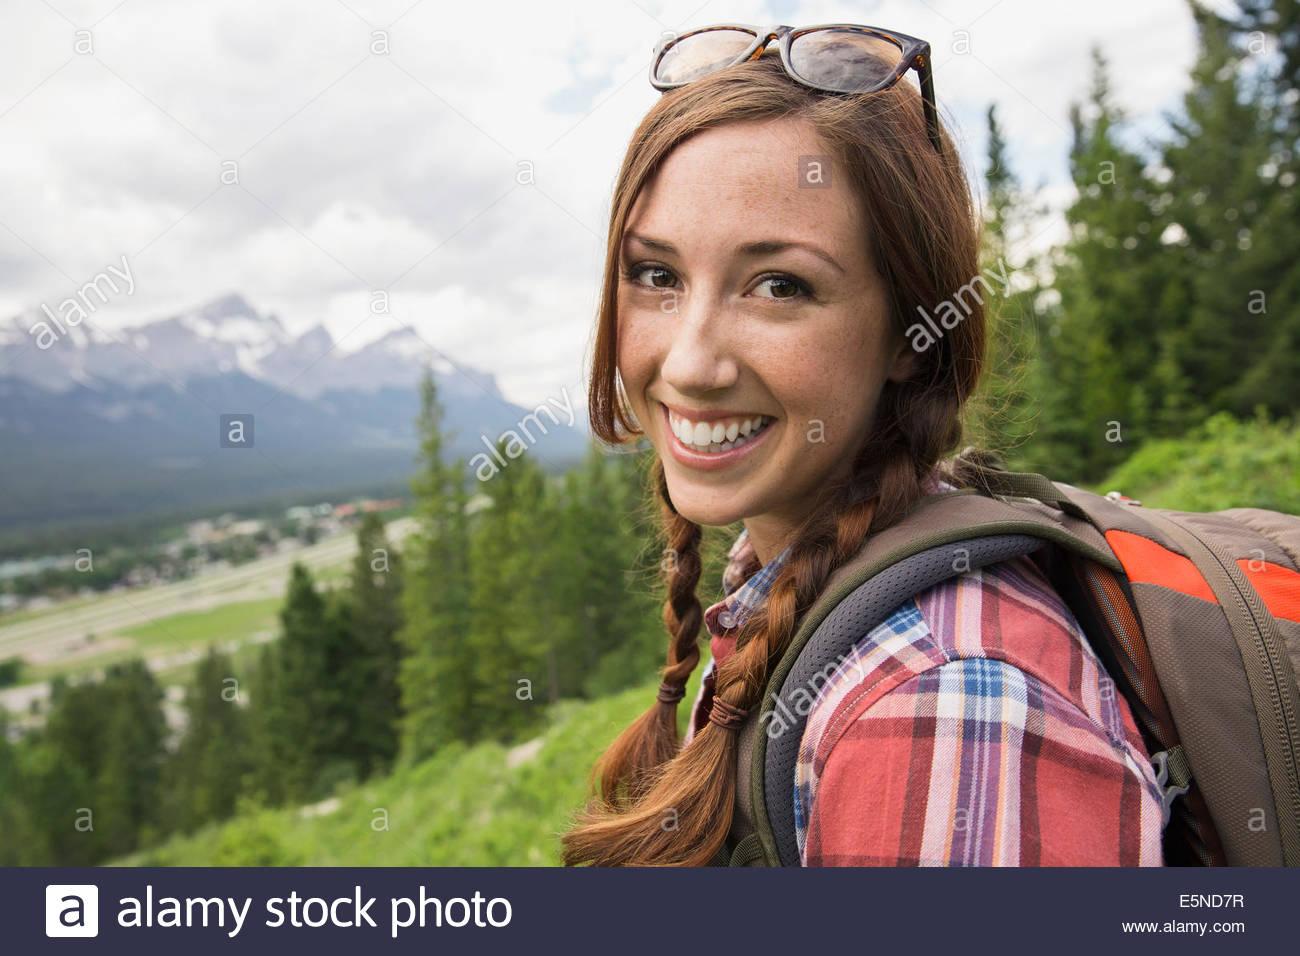 Retrato de mujer sonriente senderismo cerca de las montañas Imagen De Stock